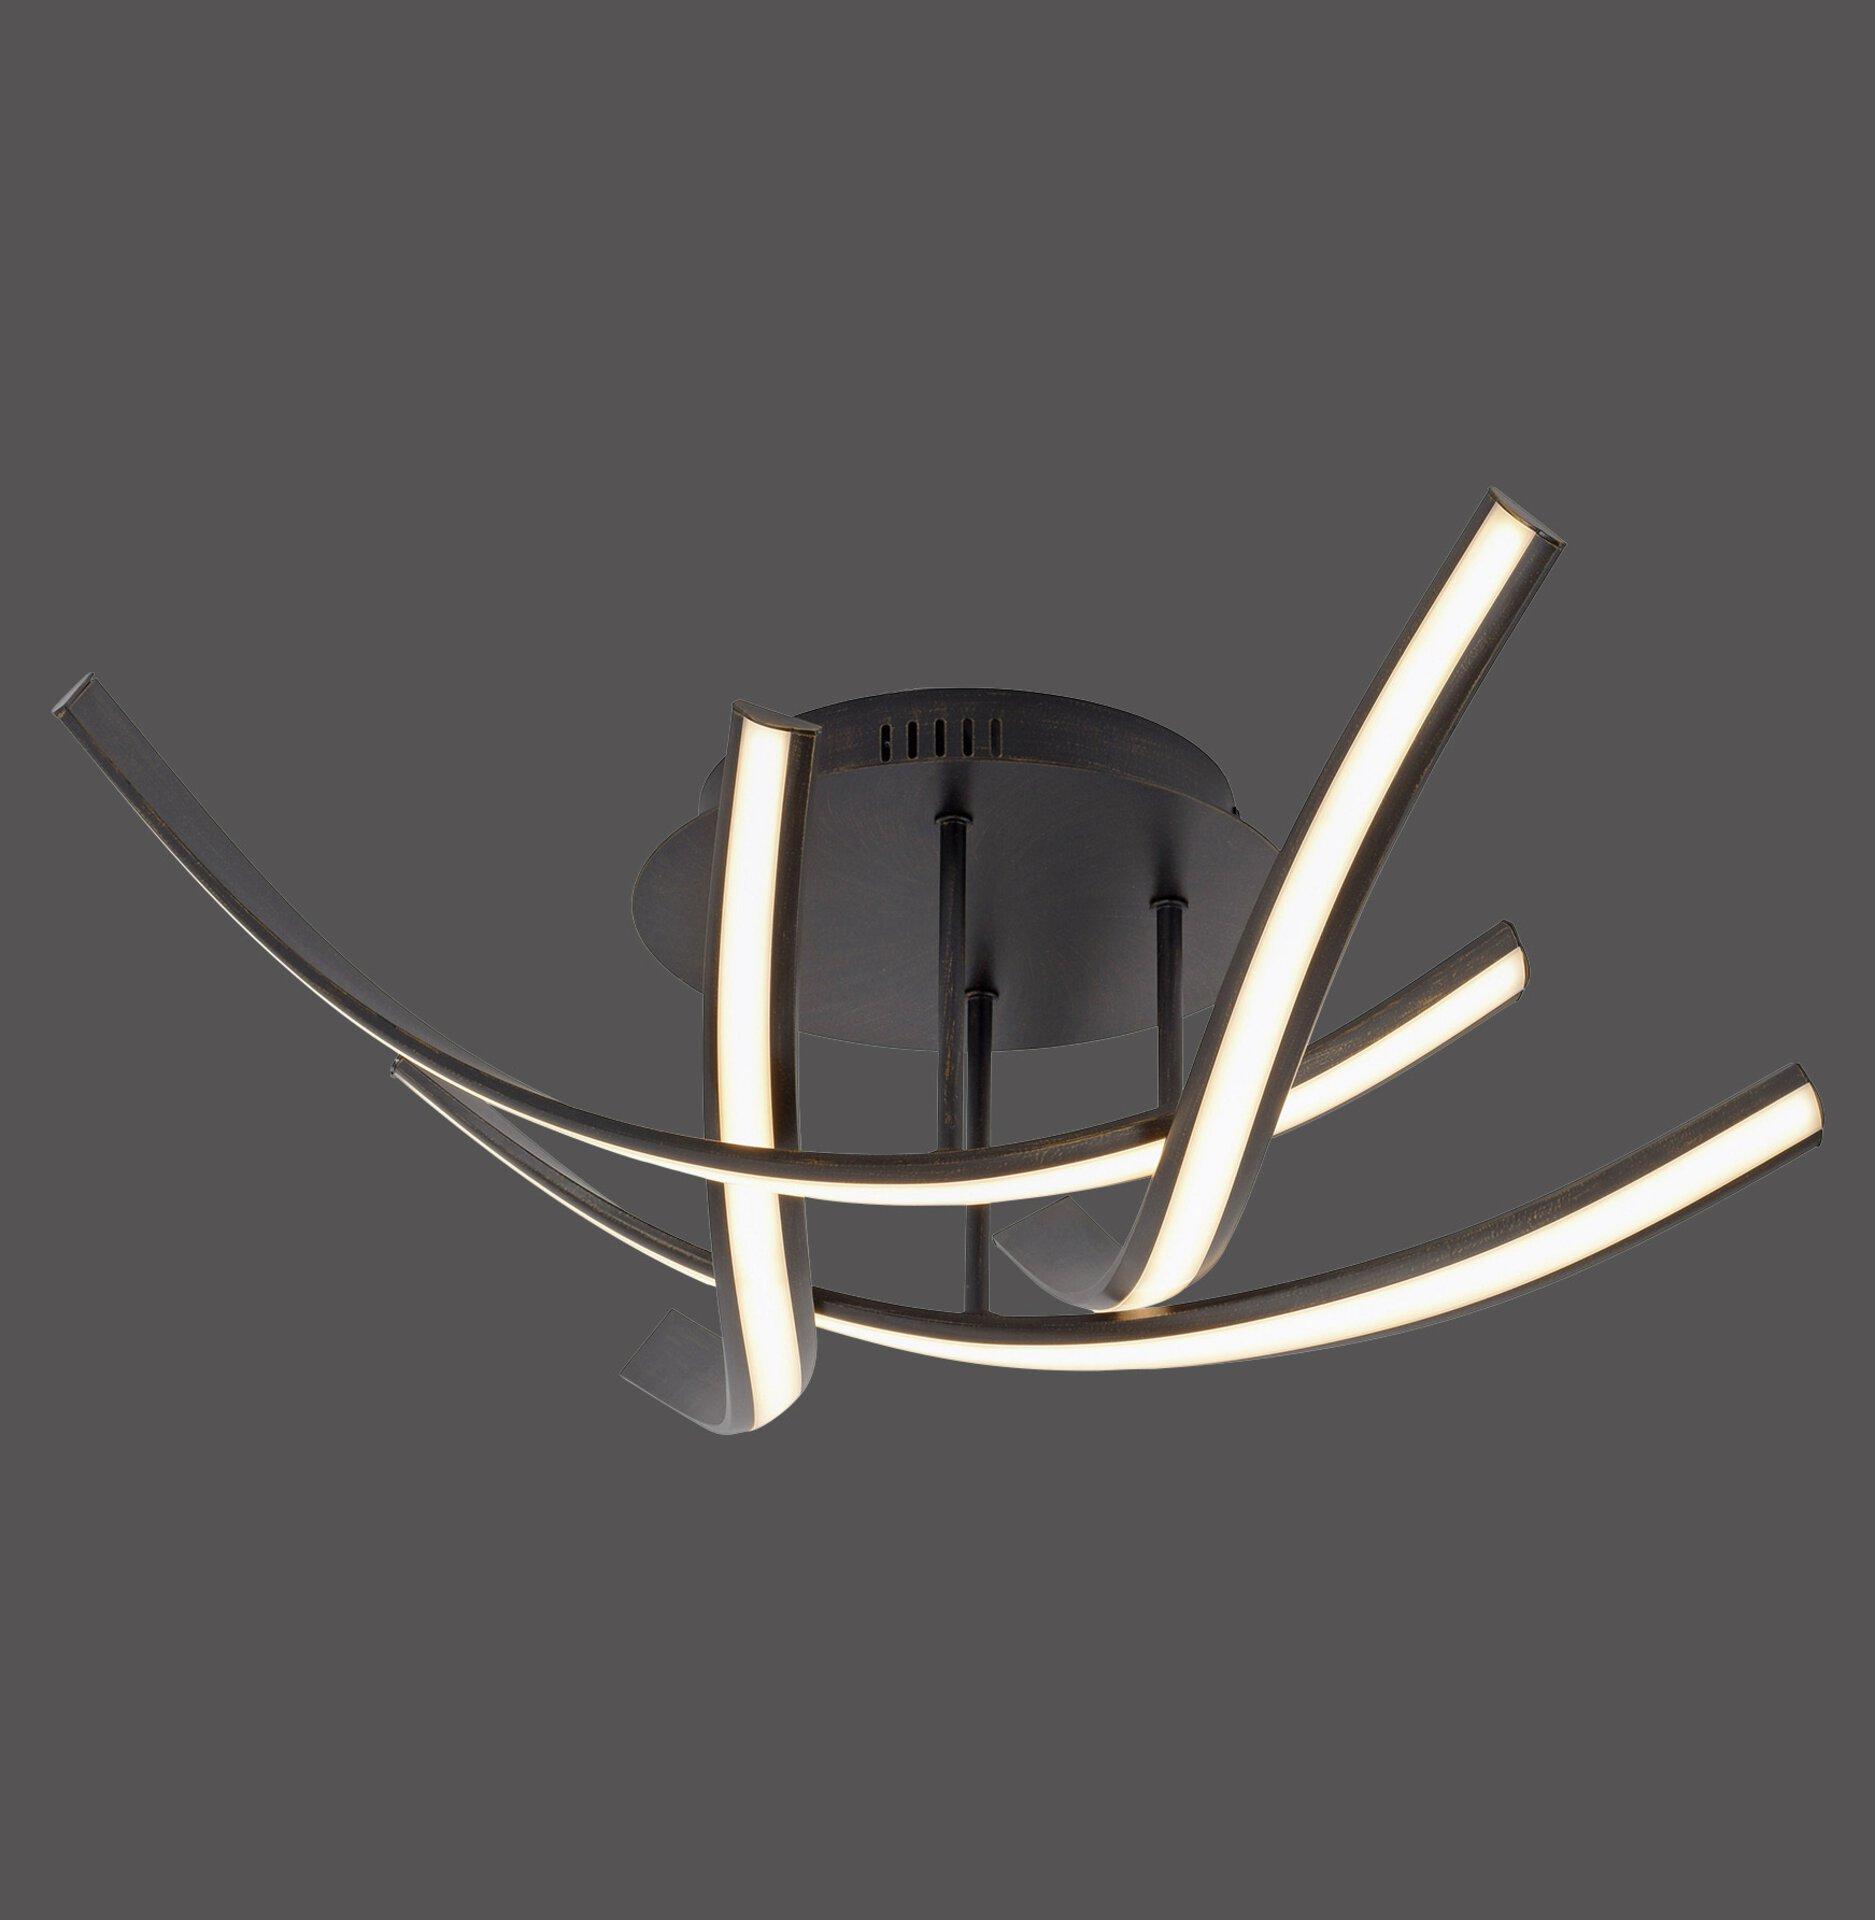 Deckenleuchte LINDA Paul Neuhaus Metall schwarz 73 x 20 x 73 cm